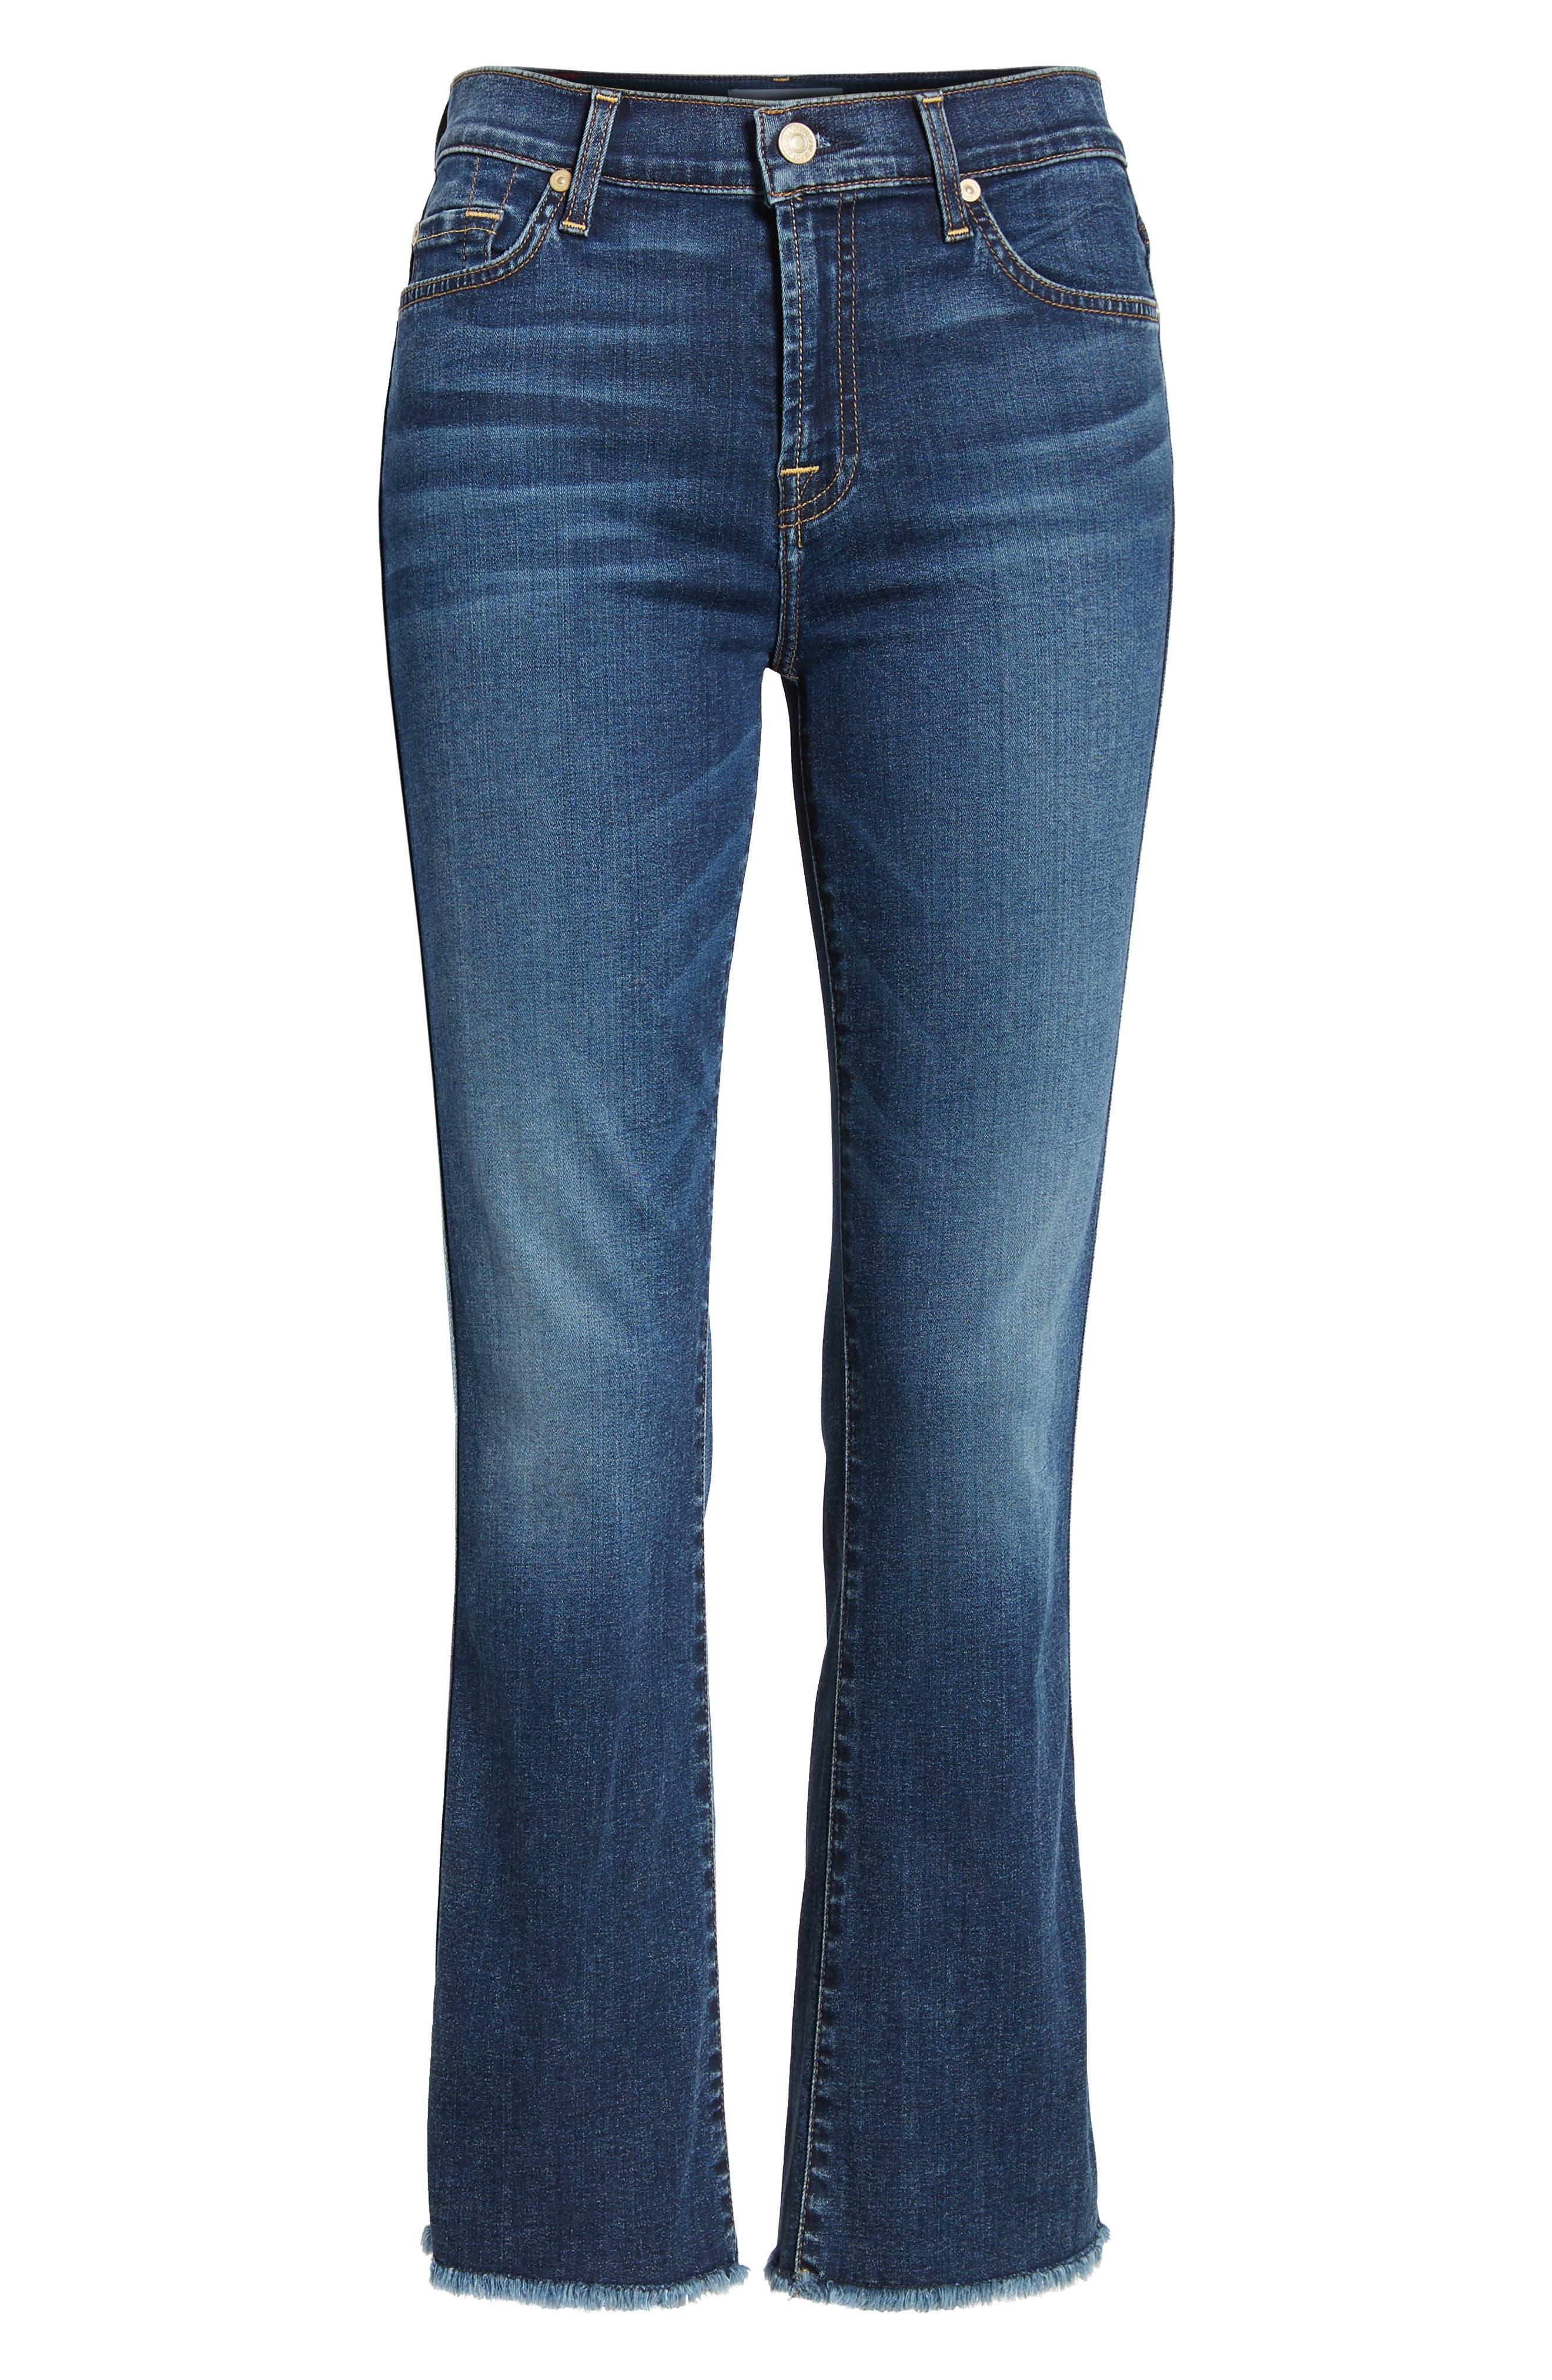 b(air) Crop Bootcut Jeans,                             Alternate thumbnail 7, color,                             B Air Echo